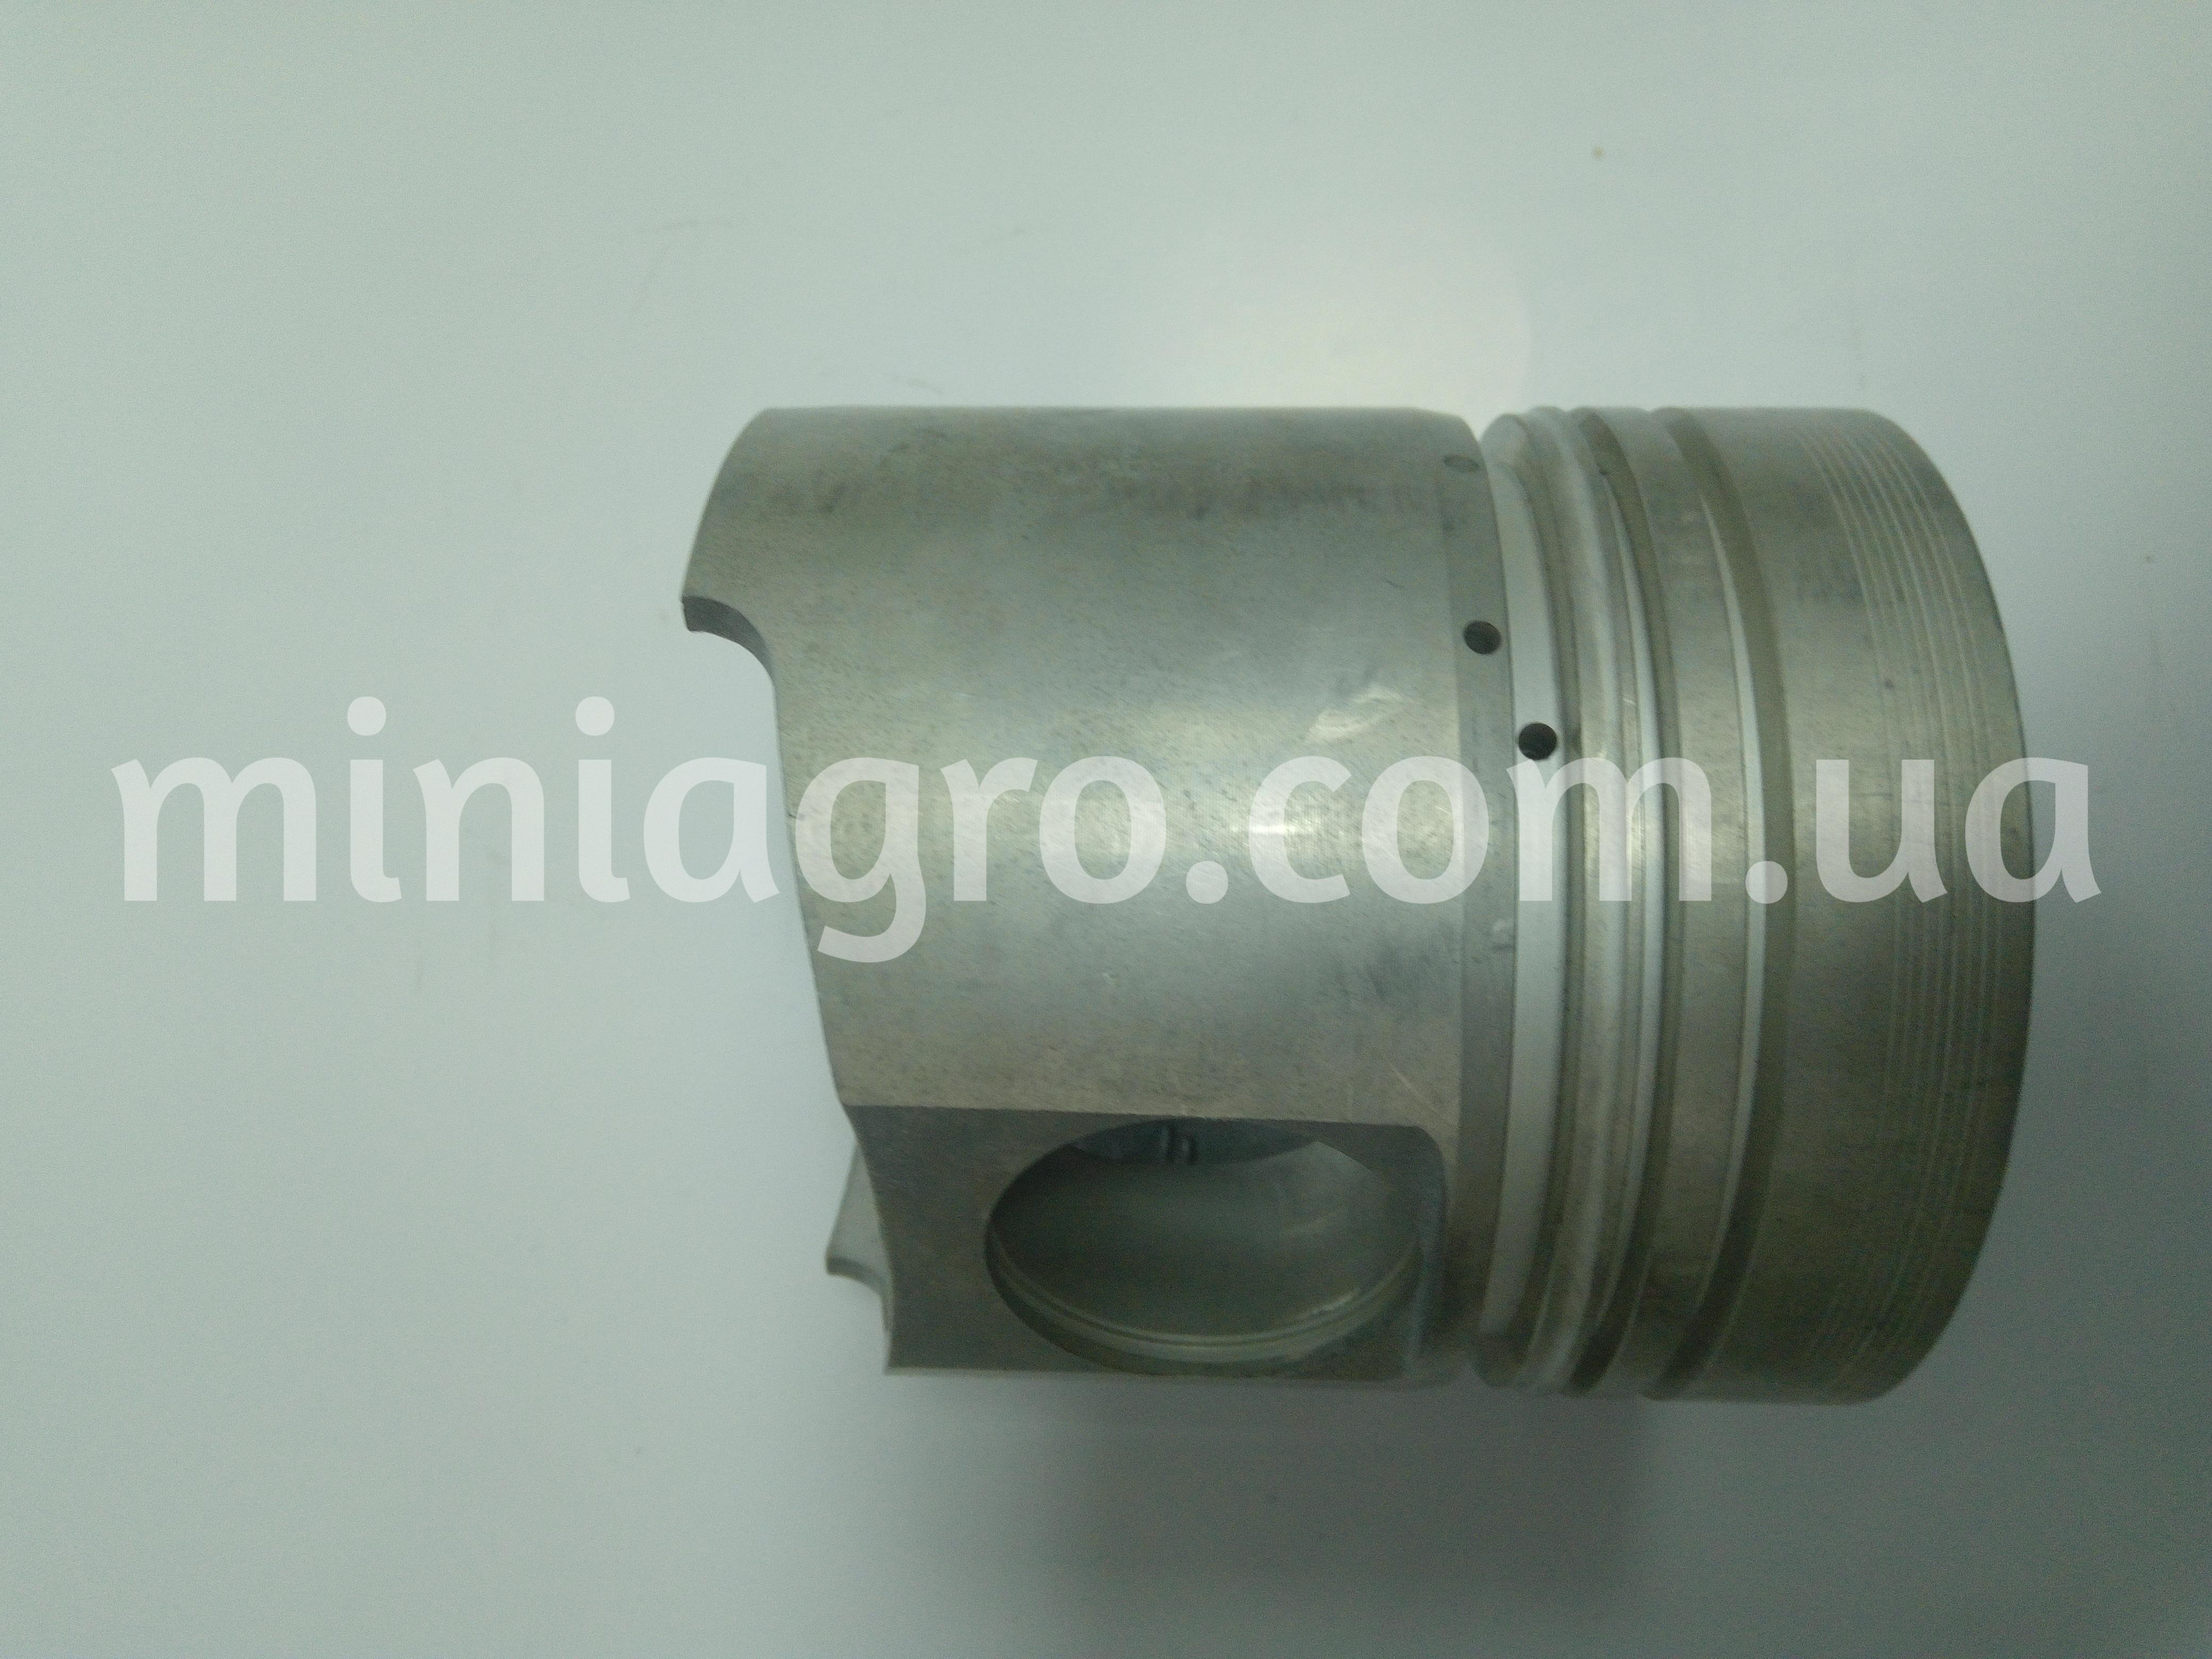 Поршень для двигунів TY395 / TY295 (такий же) DF 354